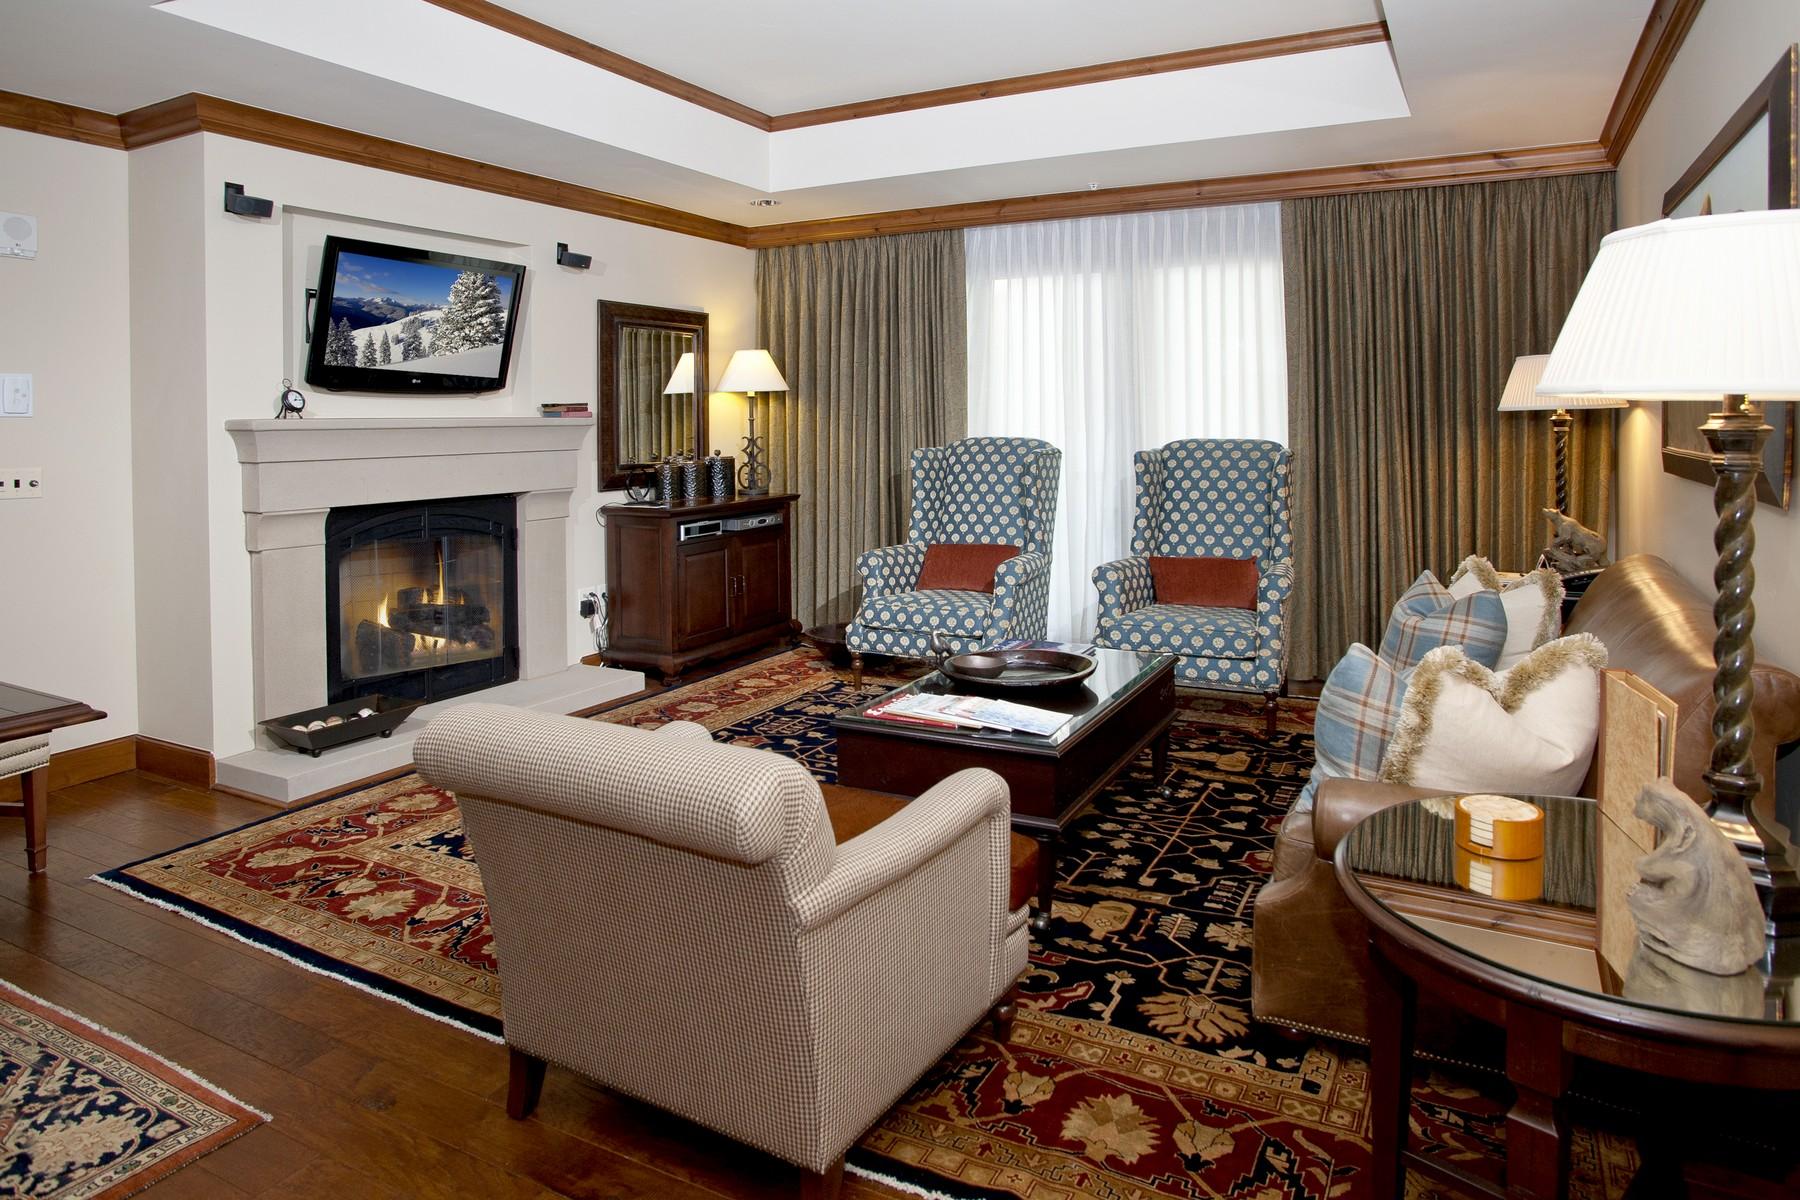 Кондоминиум для того Продажа на Ritz Carlton Residences 728 W Lionshead Circle #224-18 Vail, Колорадо, 81657 Соединенные Штаты